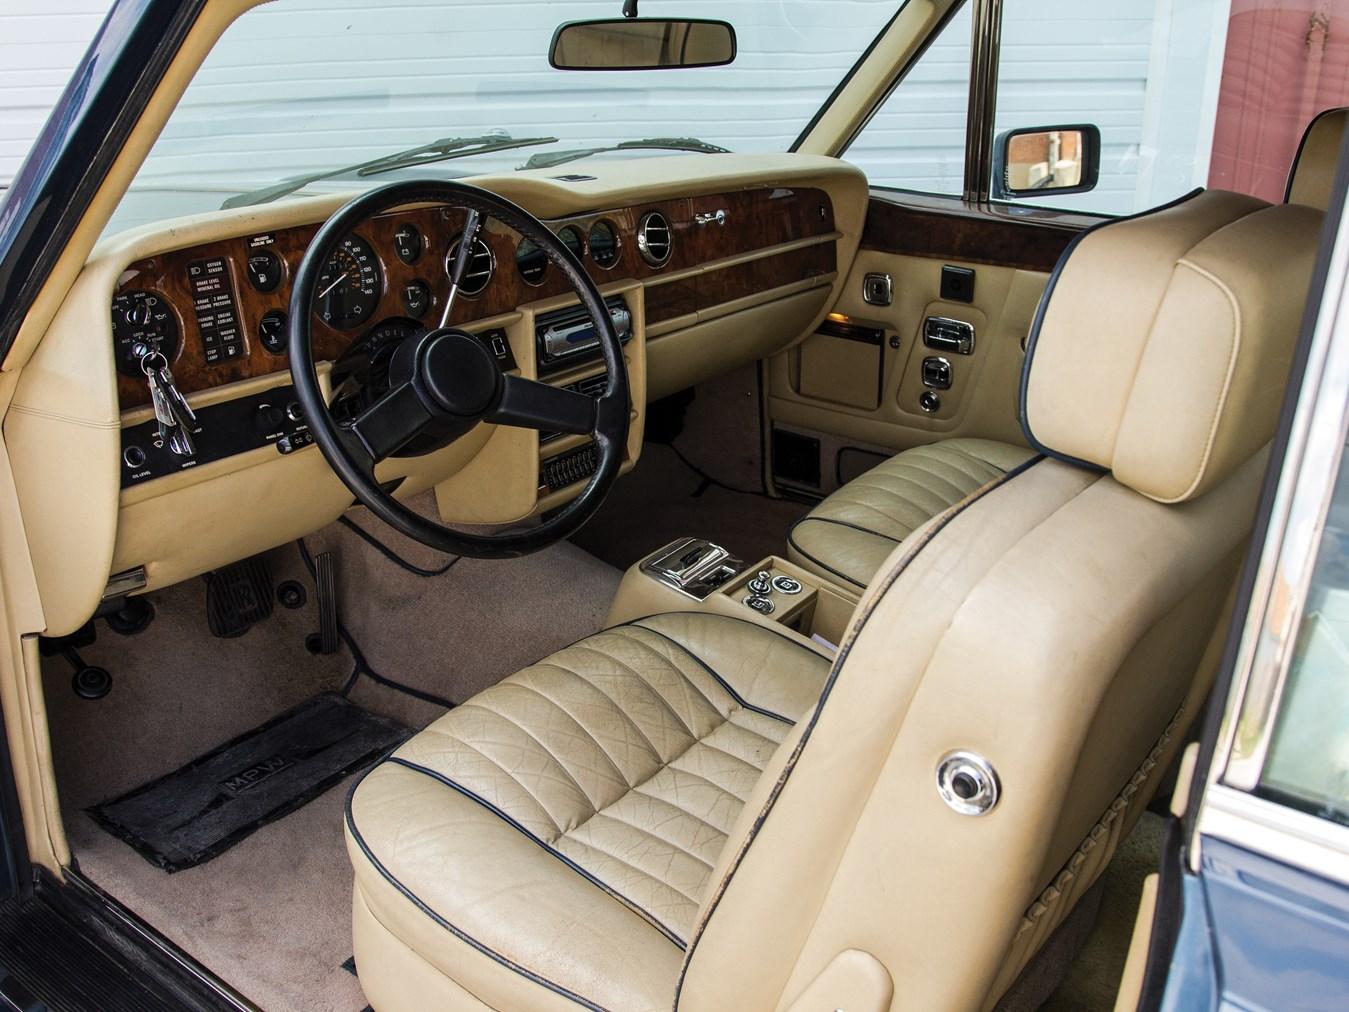 1985 Rolls-Royce Corniche Drophead Coupe interior